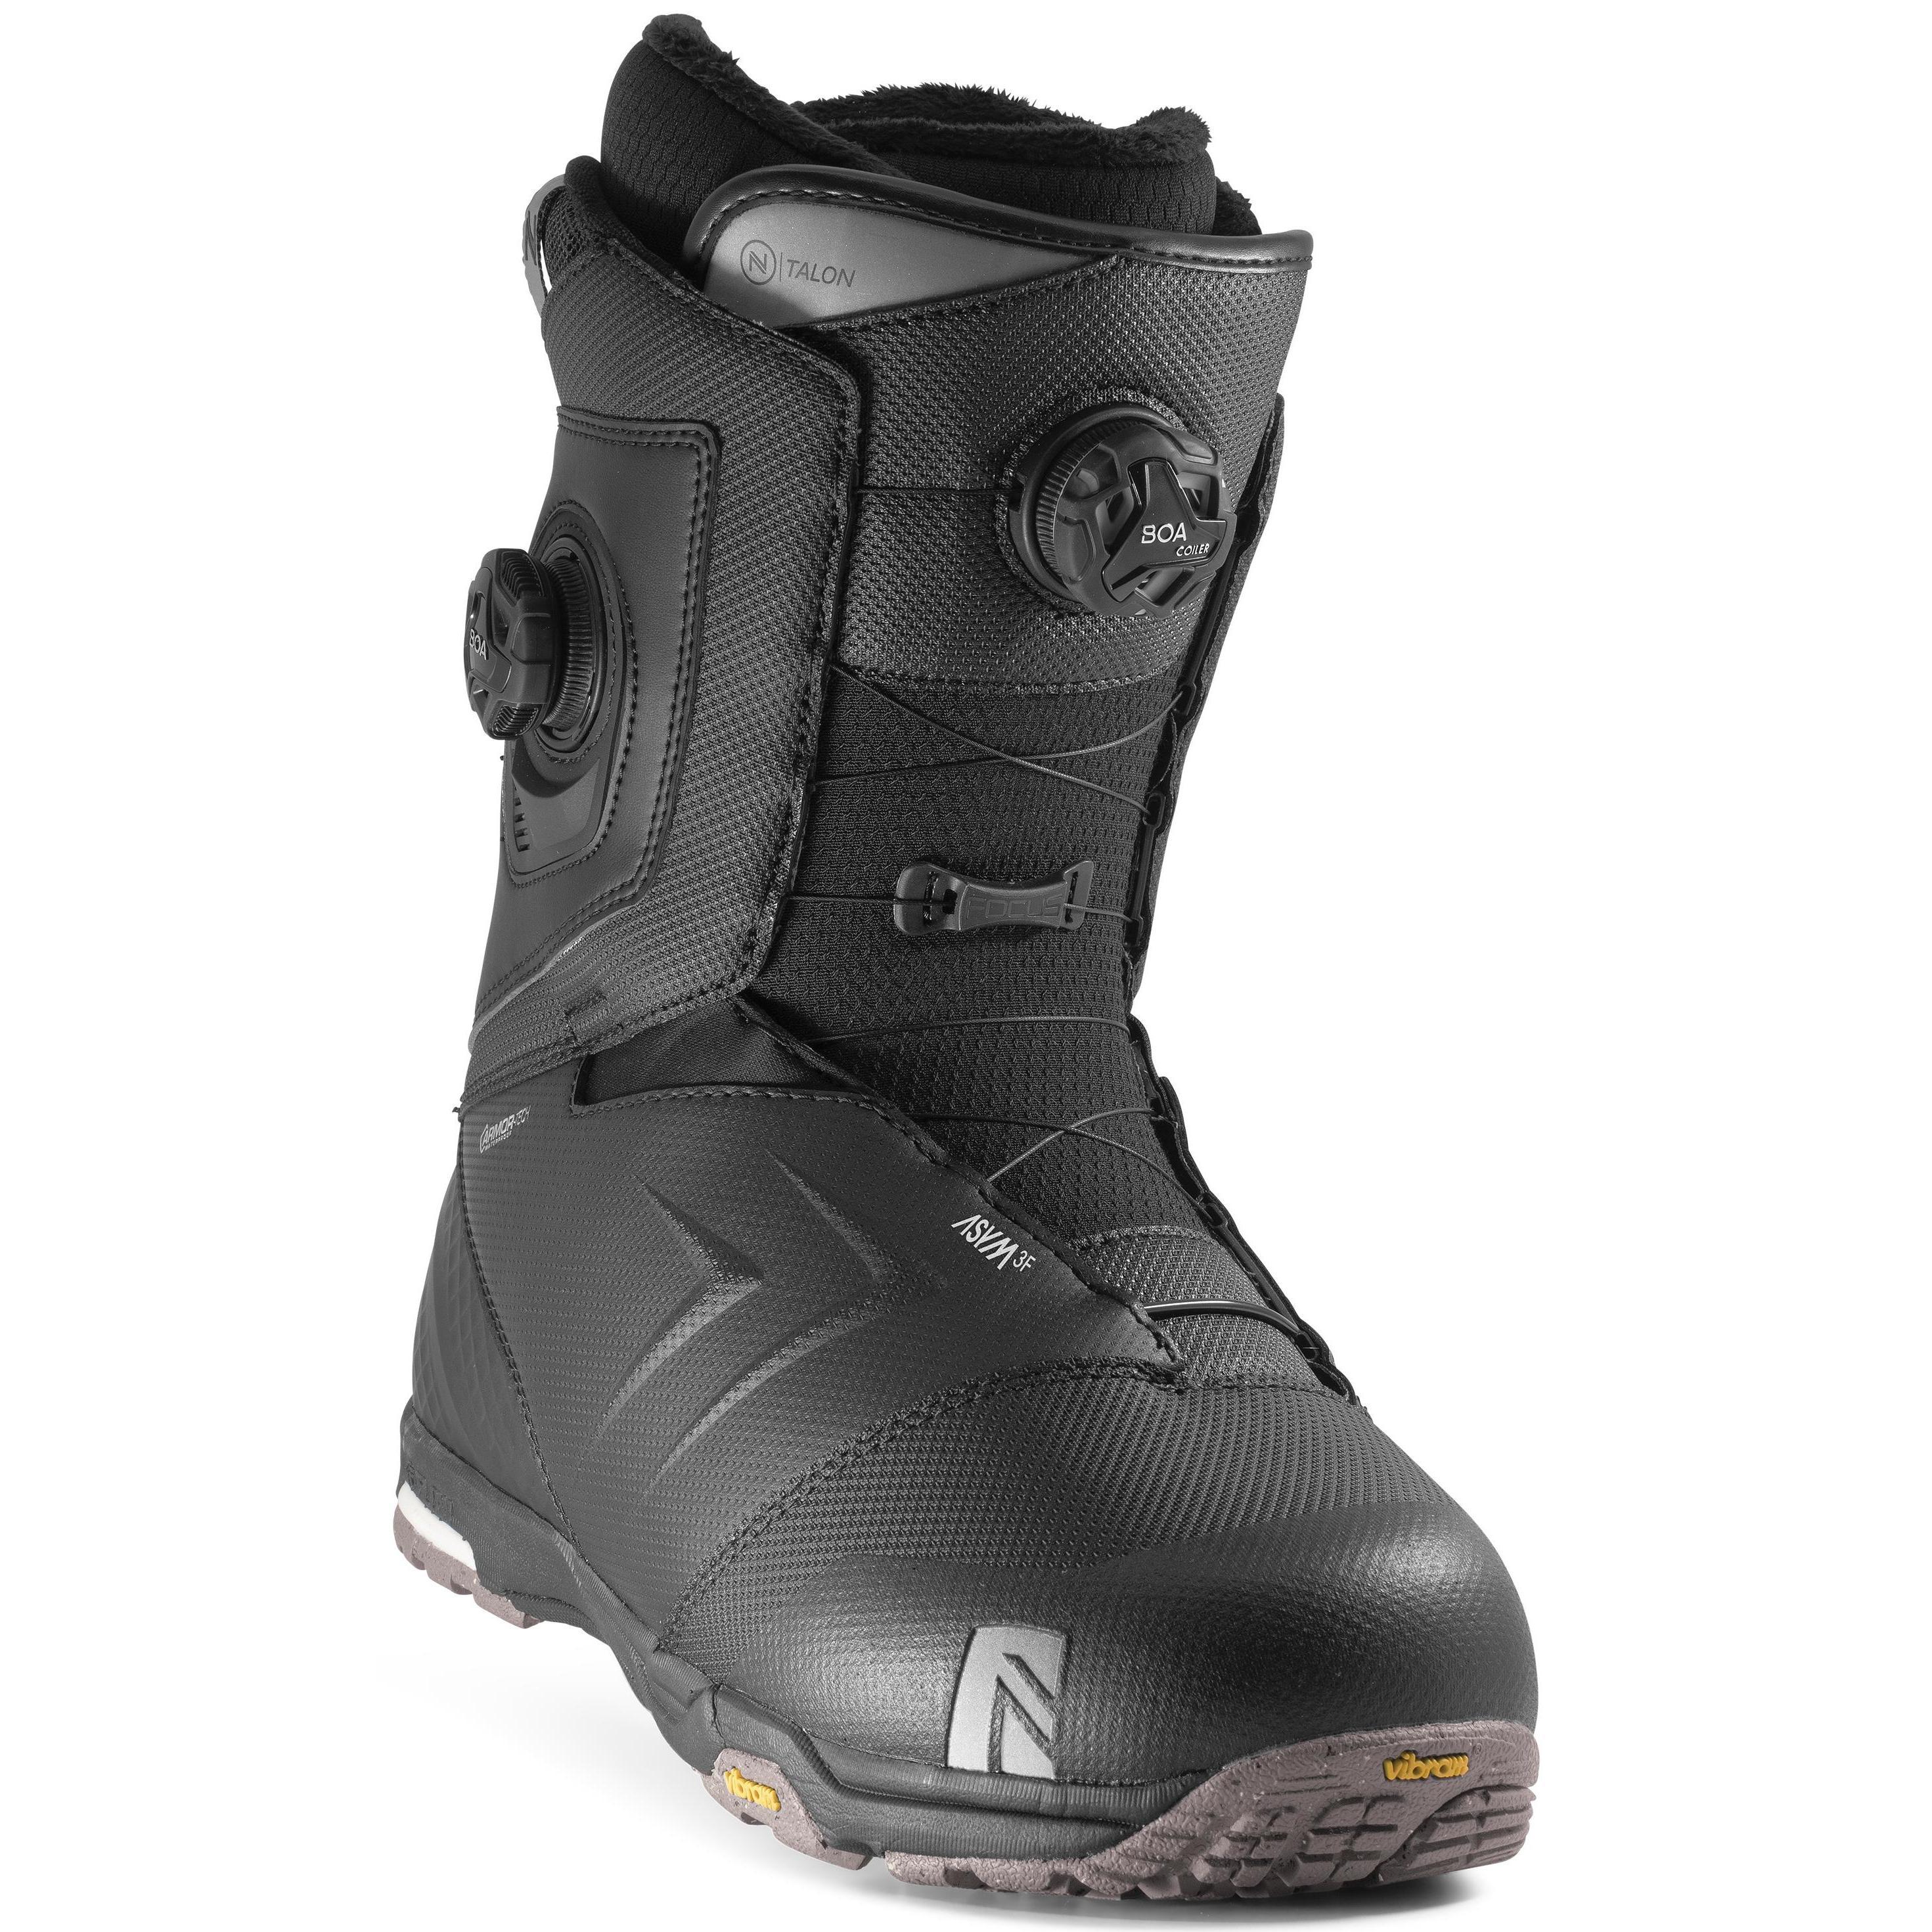 Ботинки для сноуборда Nidecker Talon 2020, black, 27.5